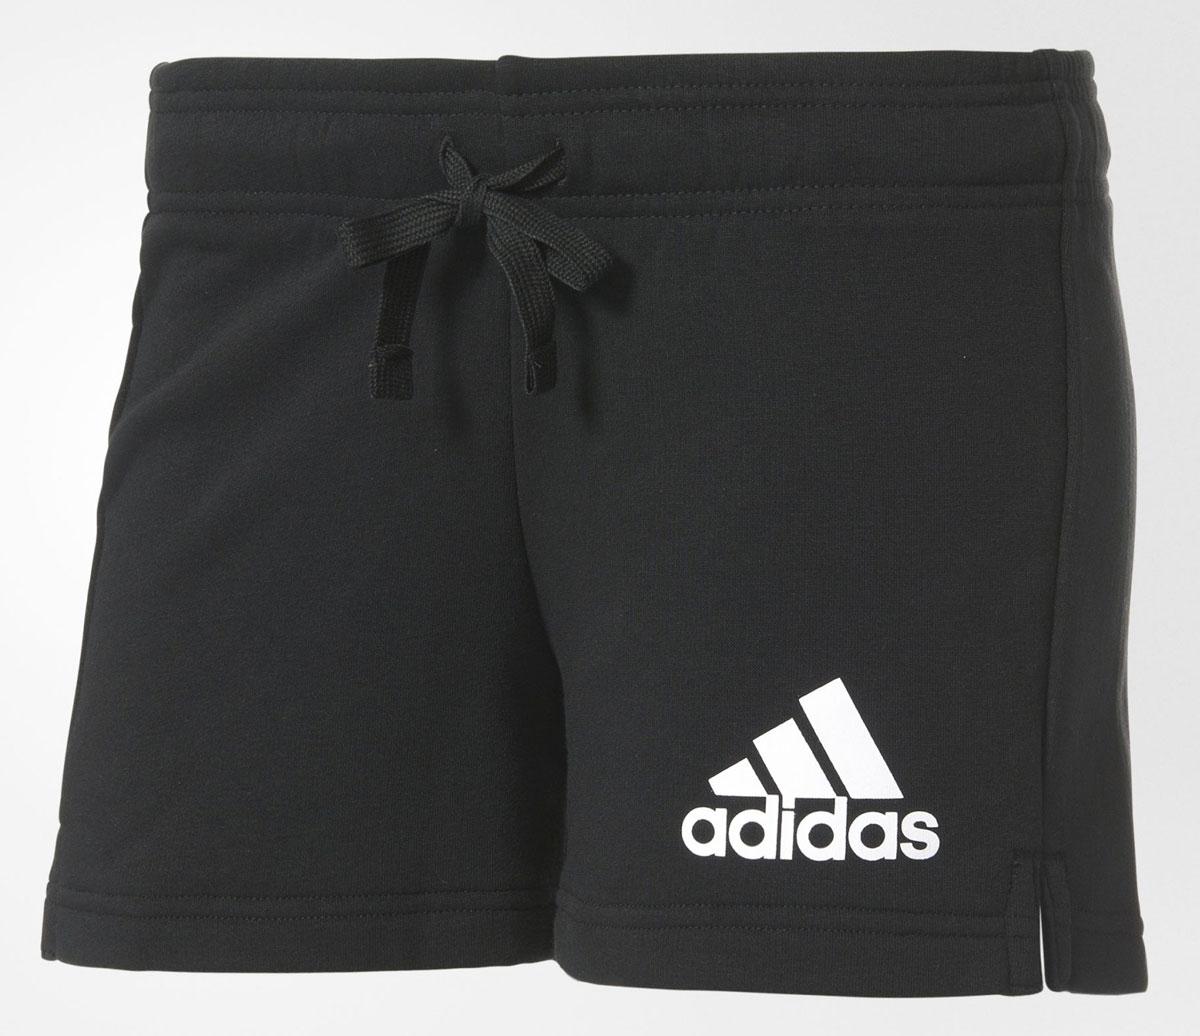 ШортыB45780Шорты женские adidas Ess Solid Short выполнены из хлопка с добавлением полиэстера. Дополнена модель эластичным поясом с затягивающимся шнурком.